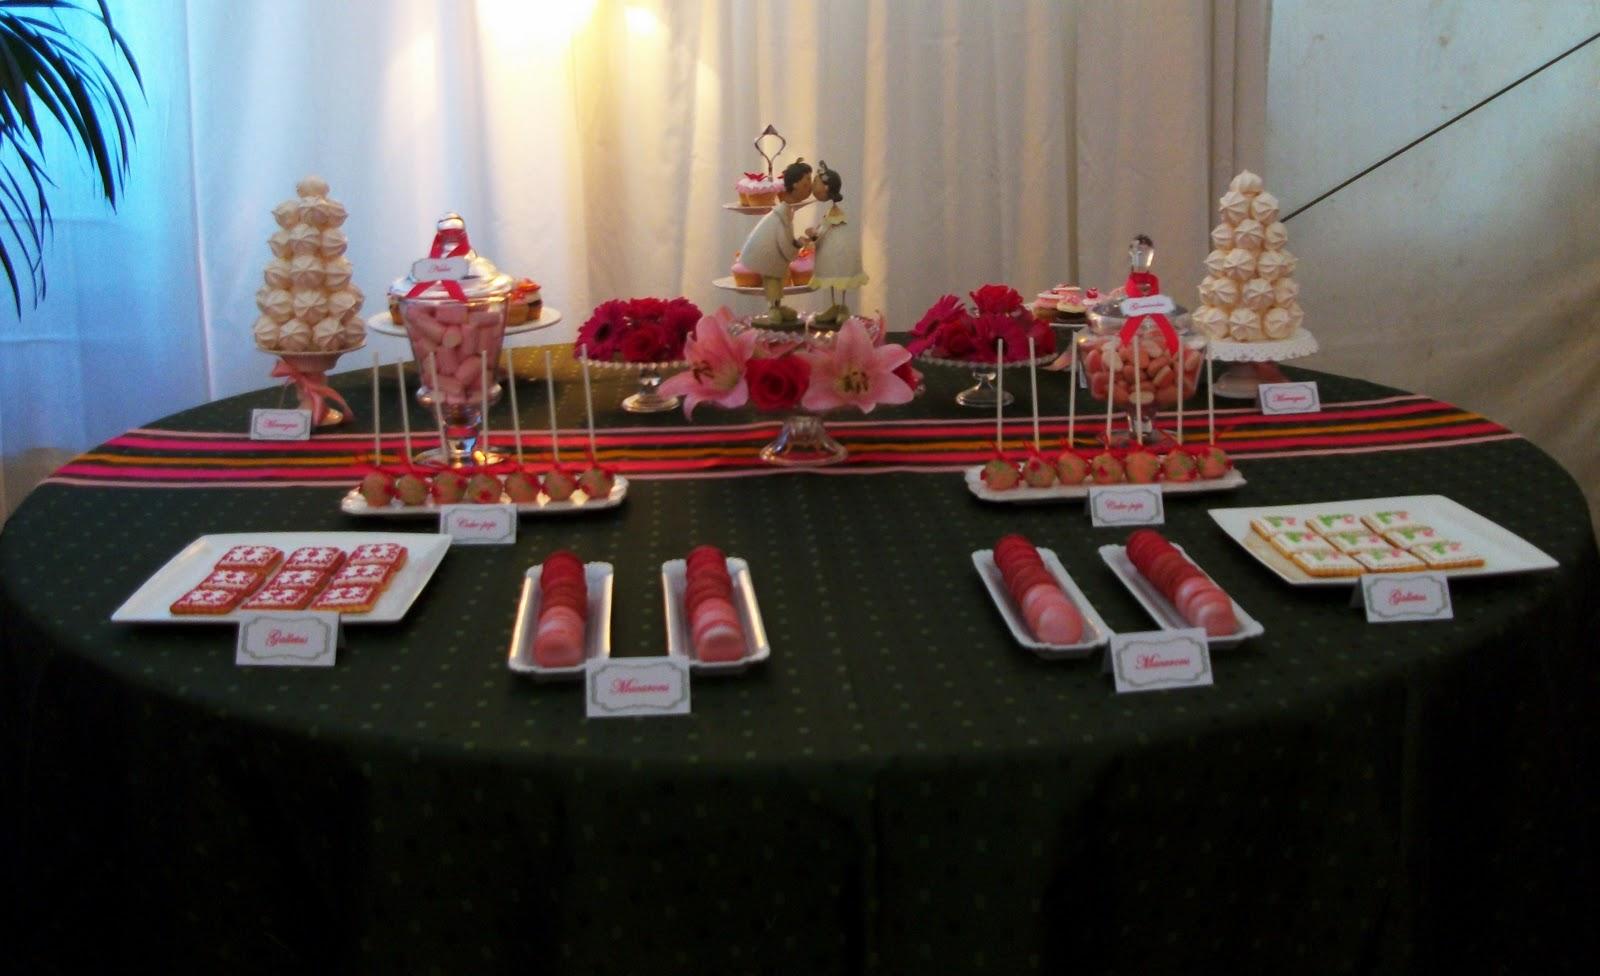 tradicional tarta de bodas prepare esta exquisita mesa de dulces con